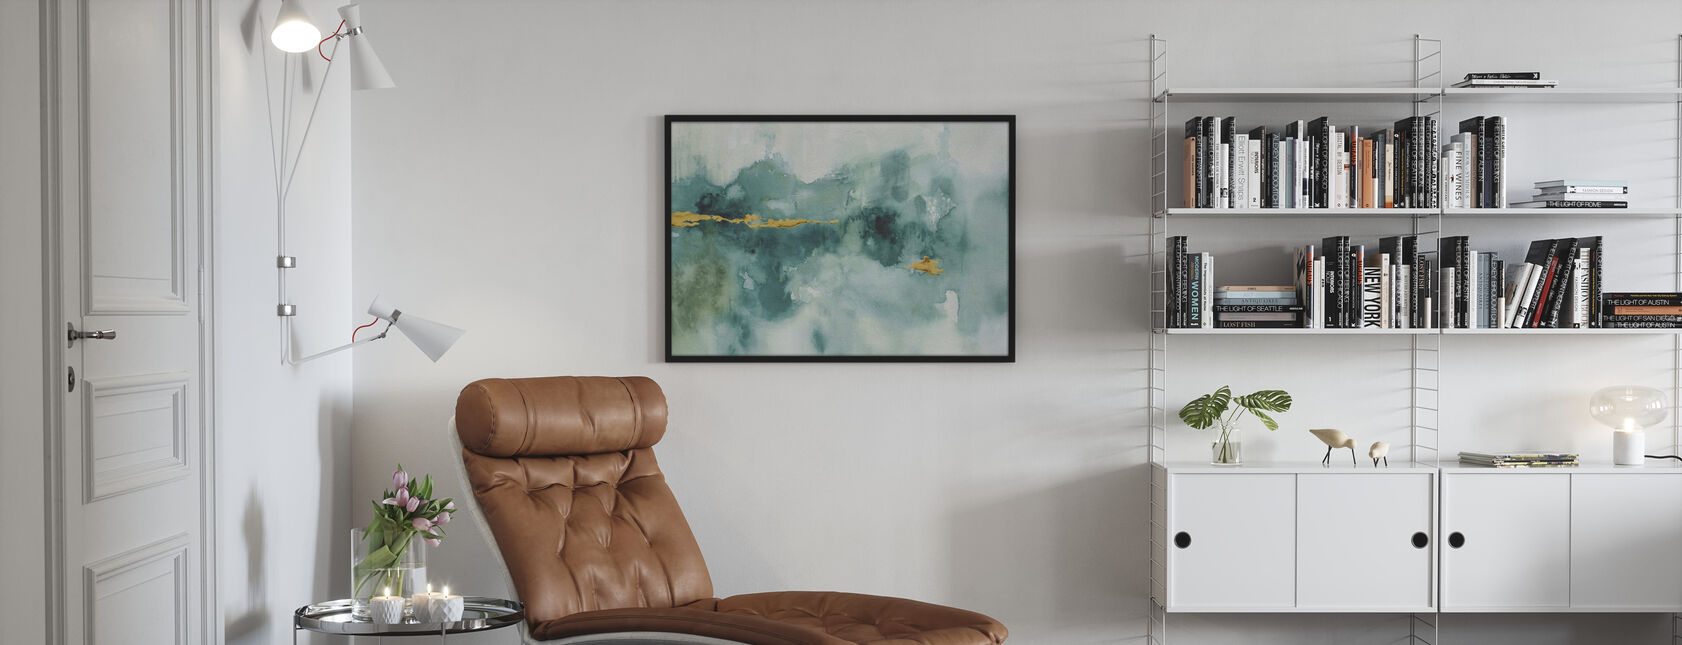 Mein Gewächshaus Aquarell 3 - Poster - Wohnzimmer